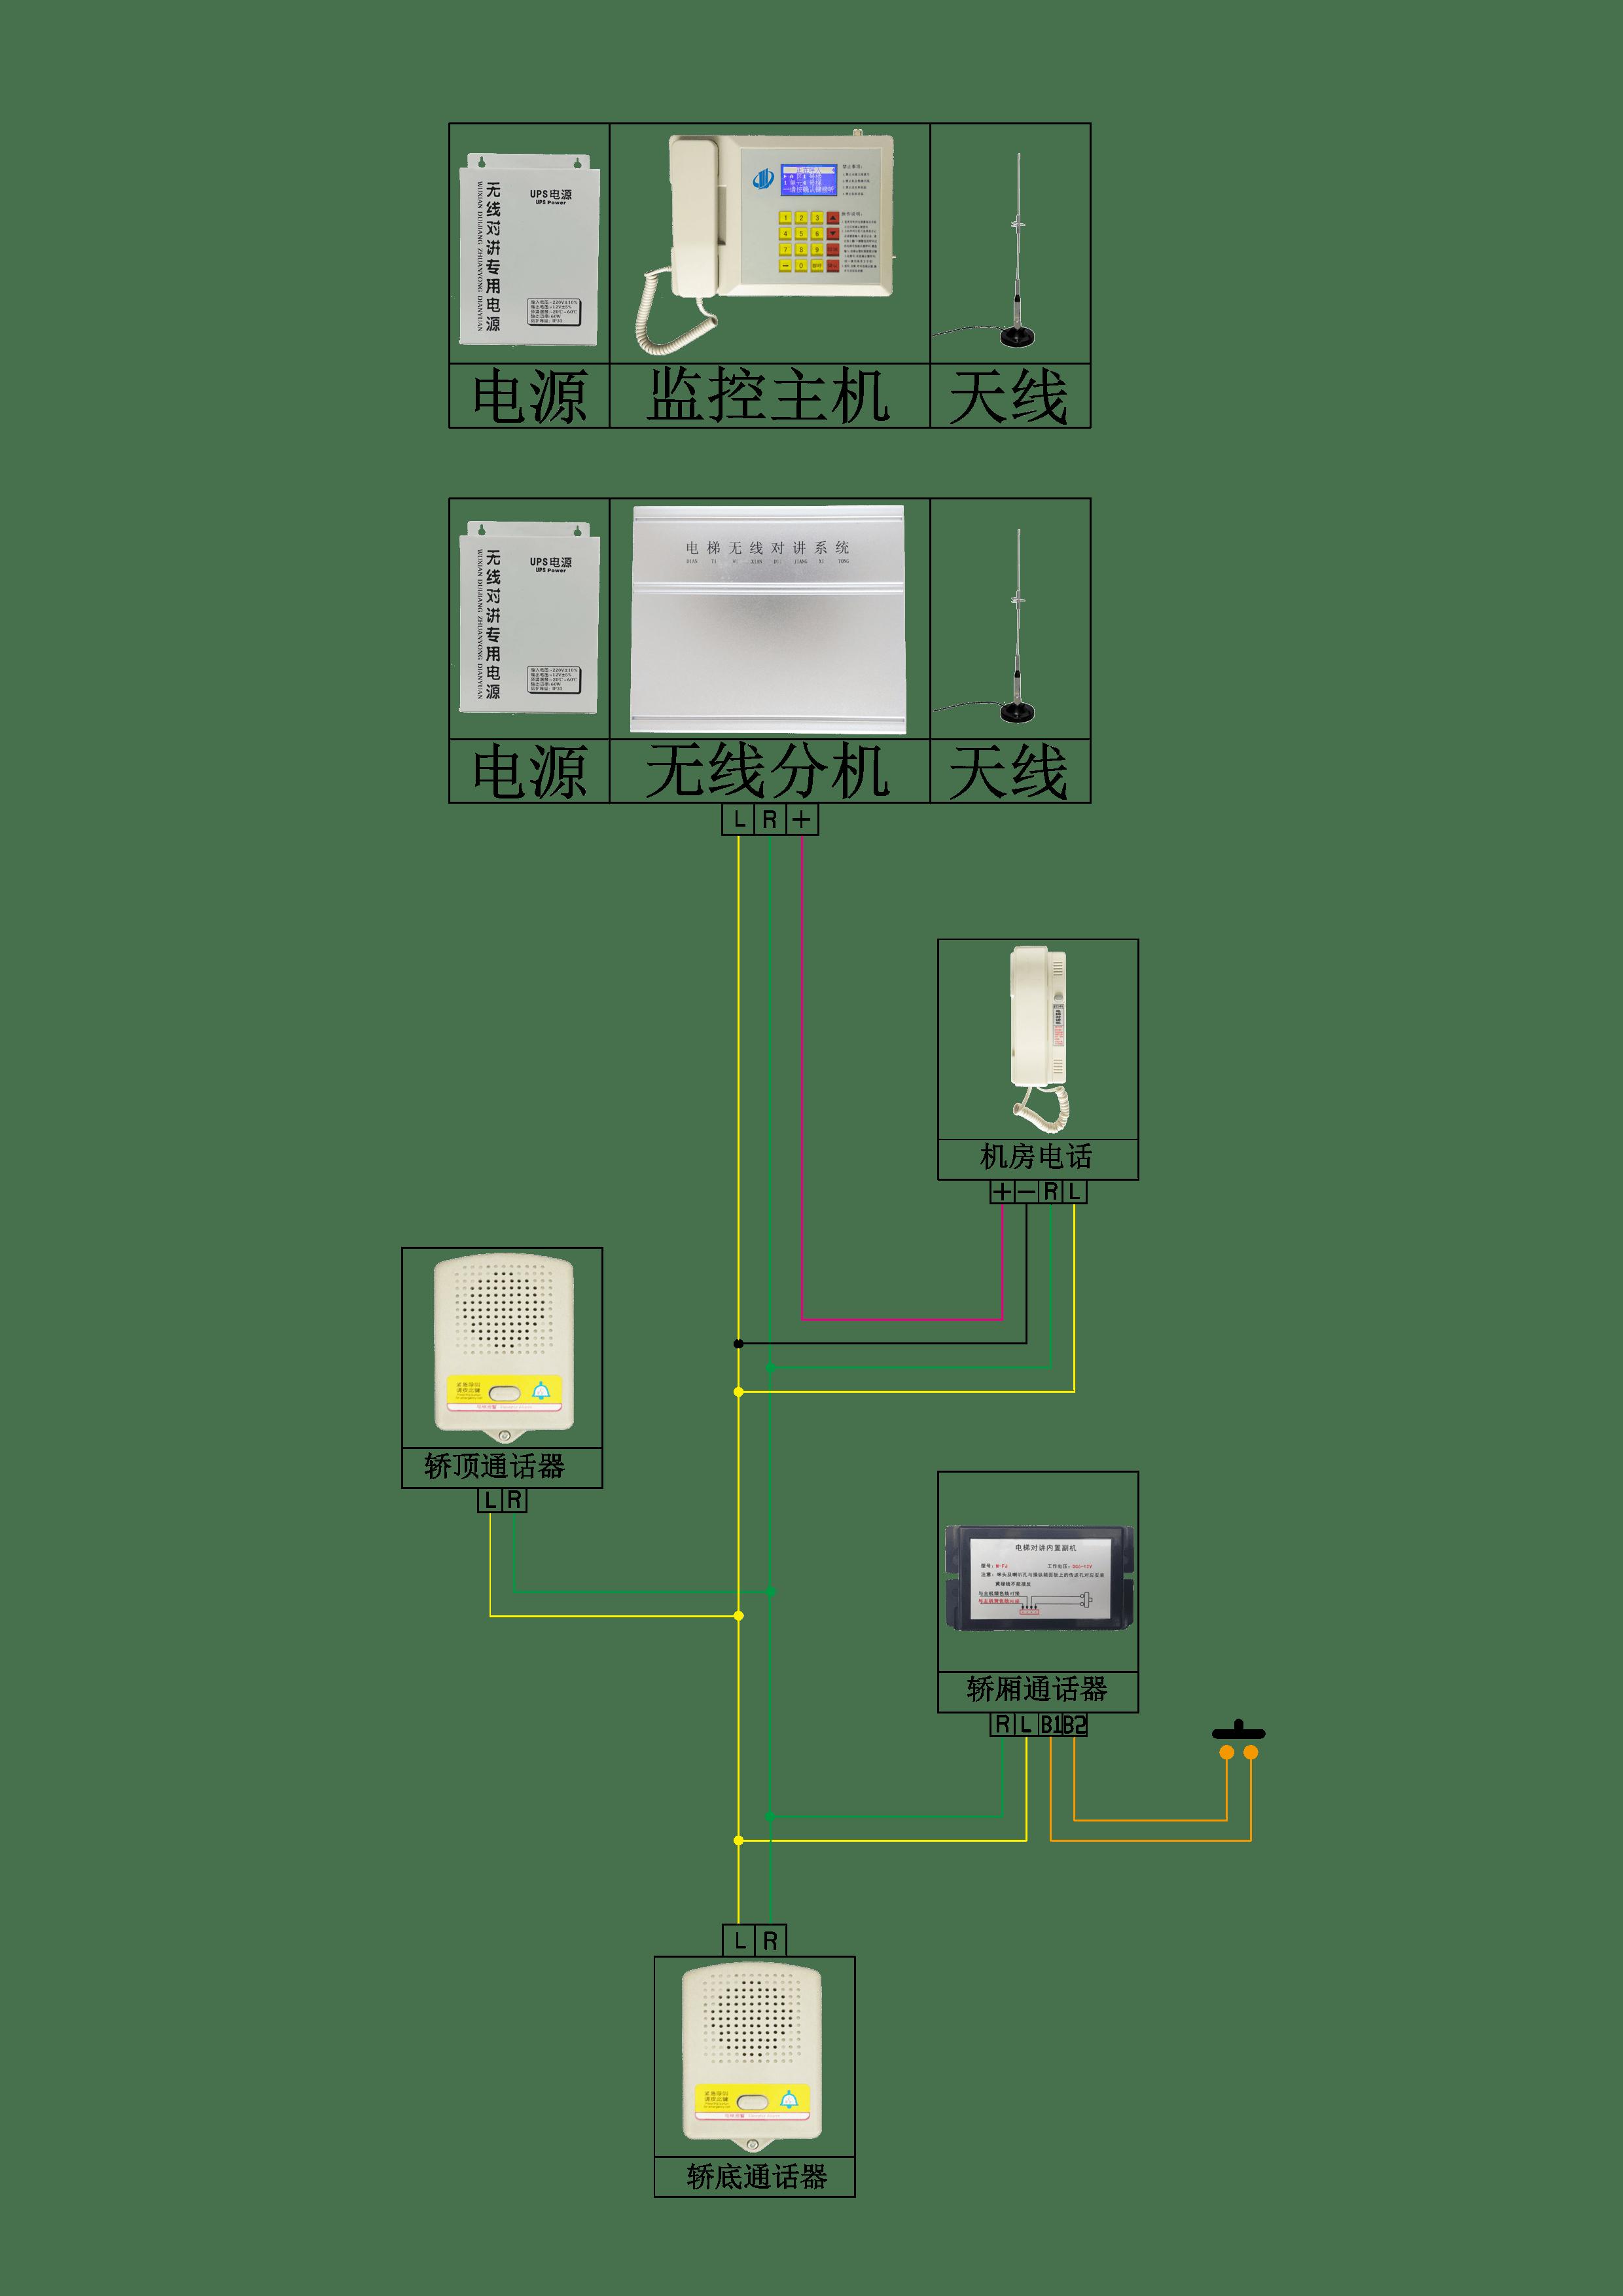 电梯无线五方对讲系统电梯无线对讲三方对讲电梯对讲